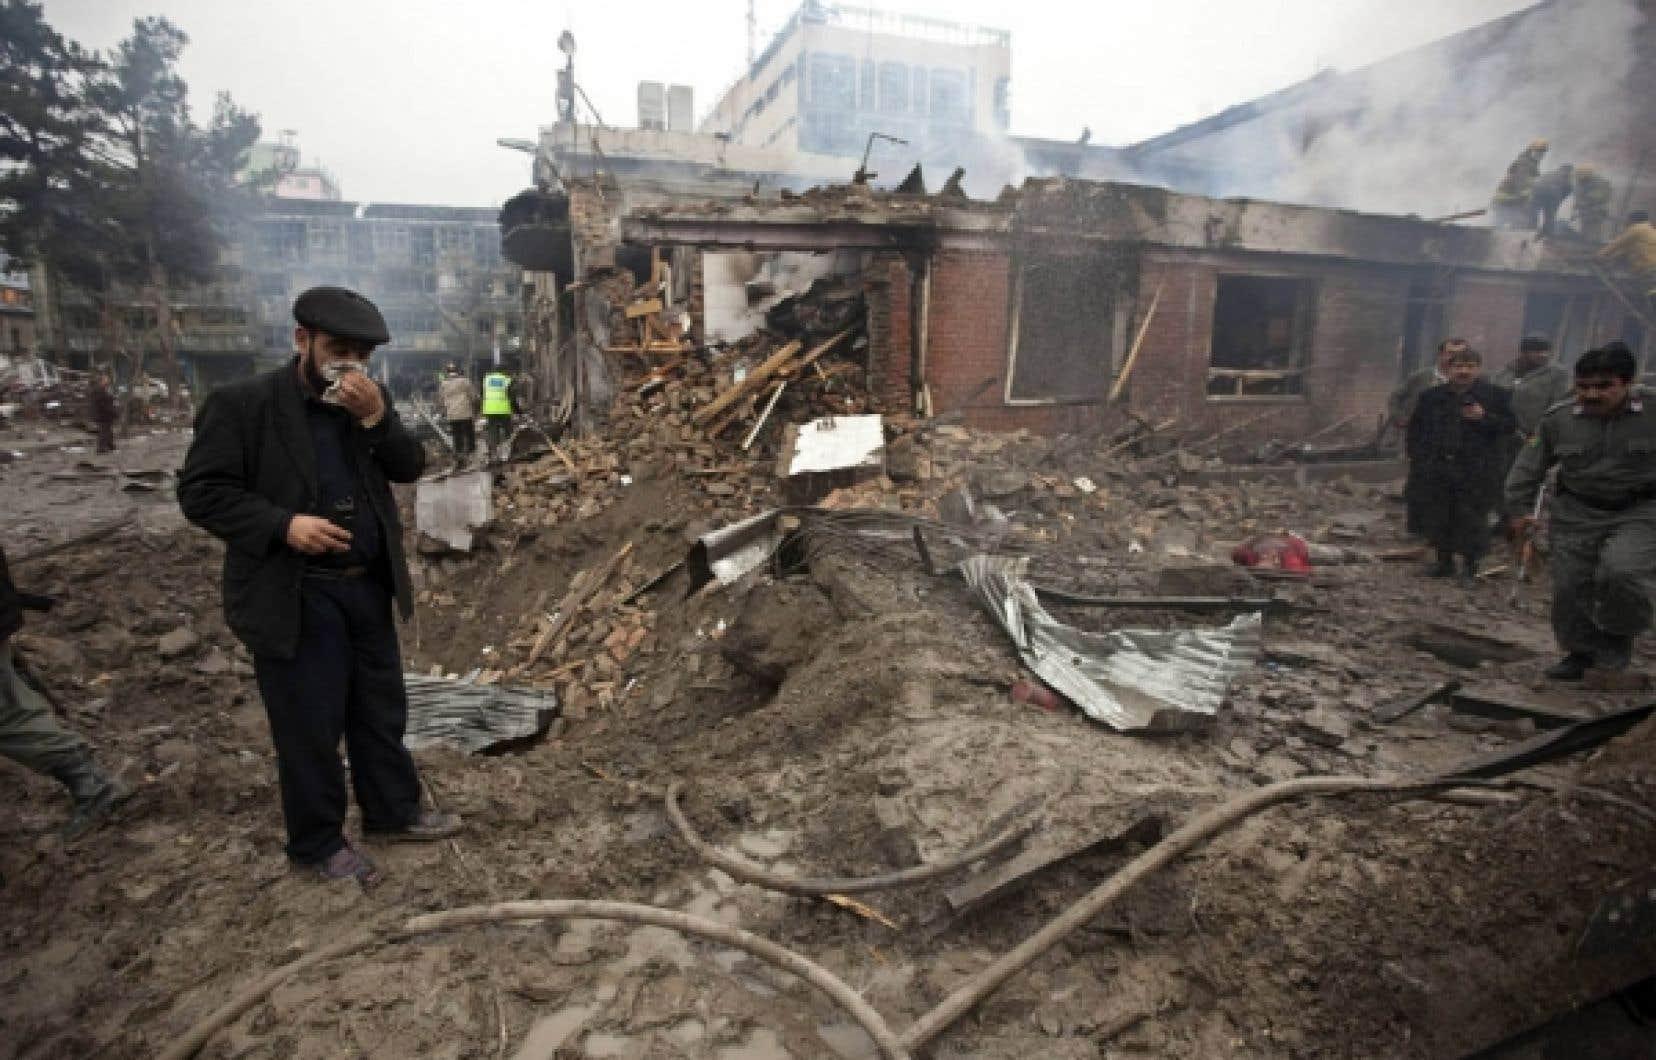 Les attaques ont visé un hôtel et une maison d'hôtes, causant des dommages coinsidérables.